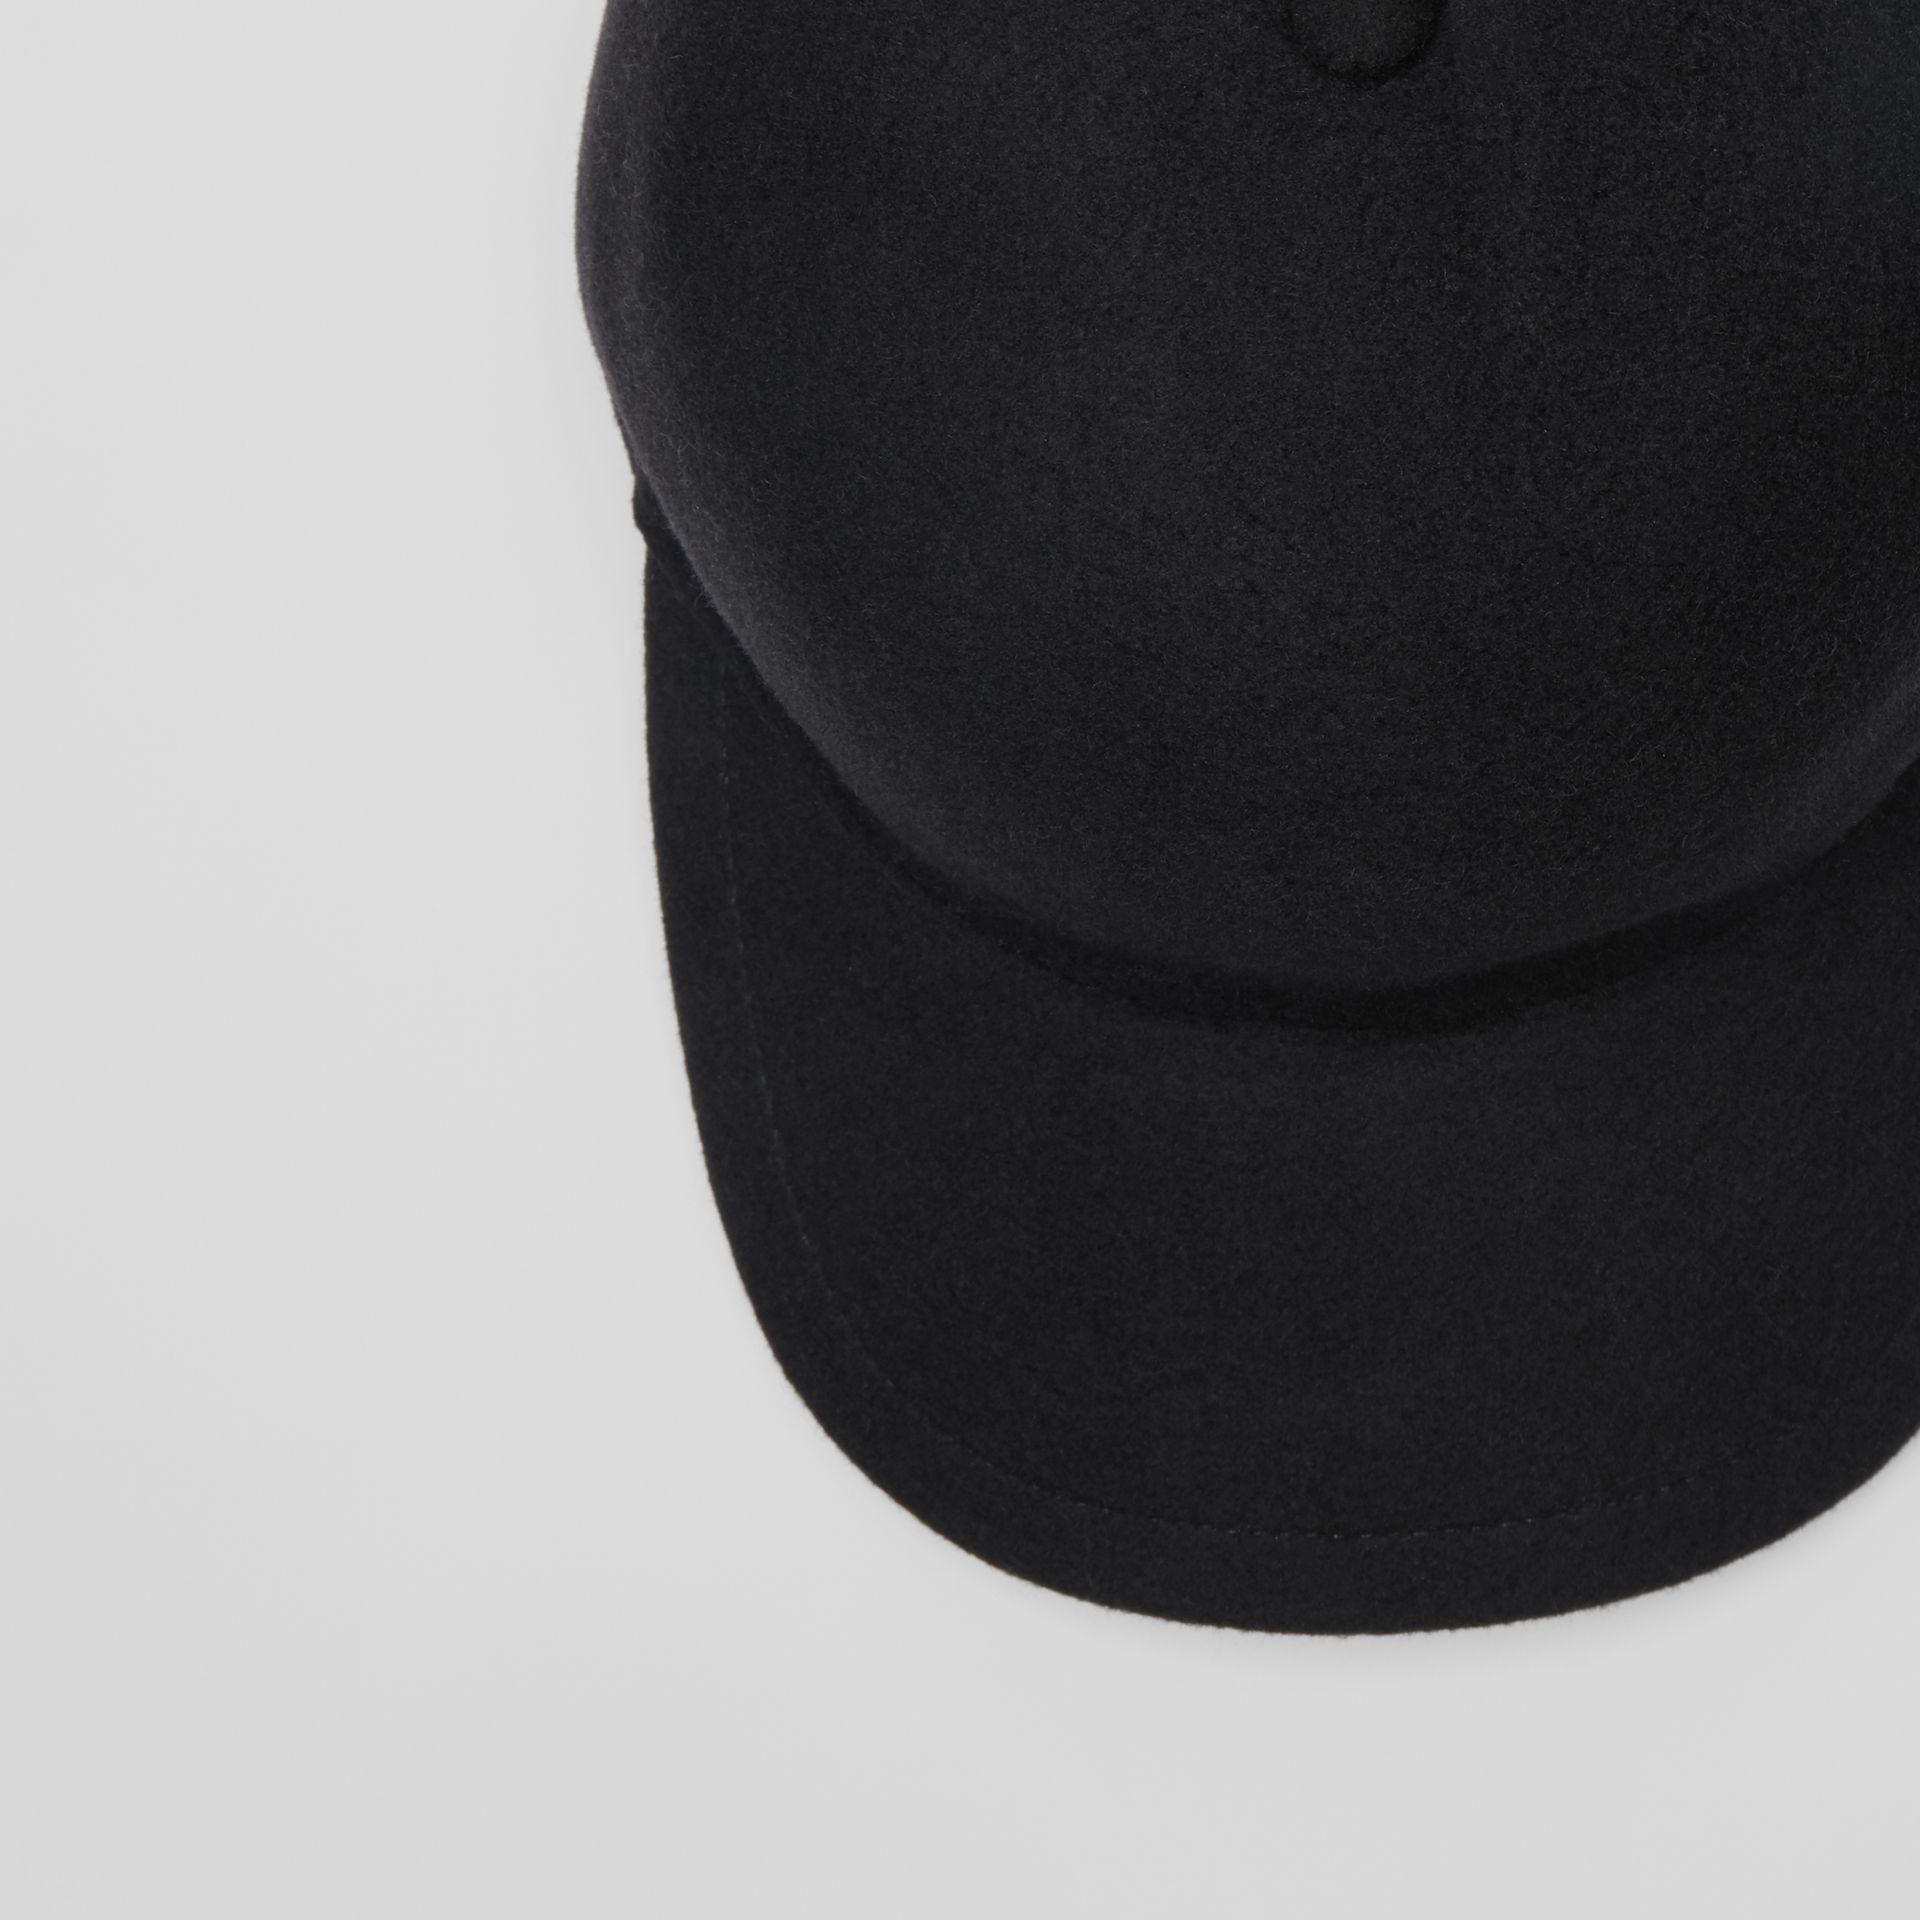 acfd770d5da Burberry - Black Felted Wool Baseball Cap for Men - Lyst. View fullscreen